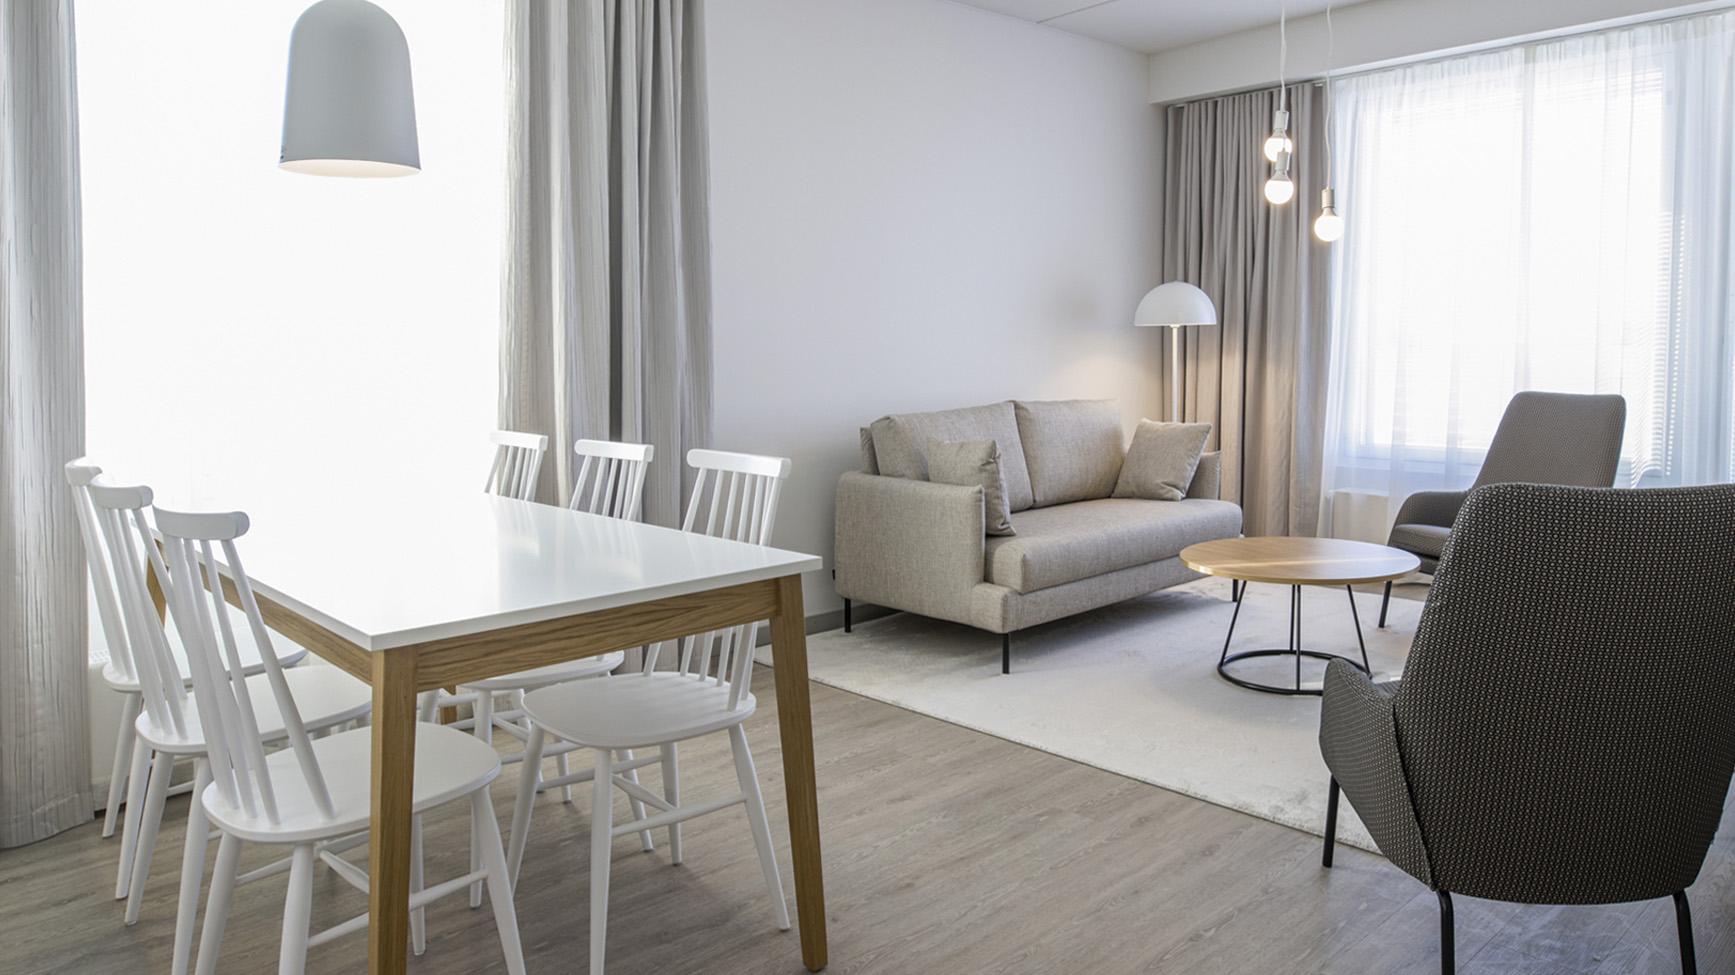 Hotel Mattsin tyylikkäät huoneistot Espoon Matinkylässä.